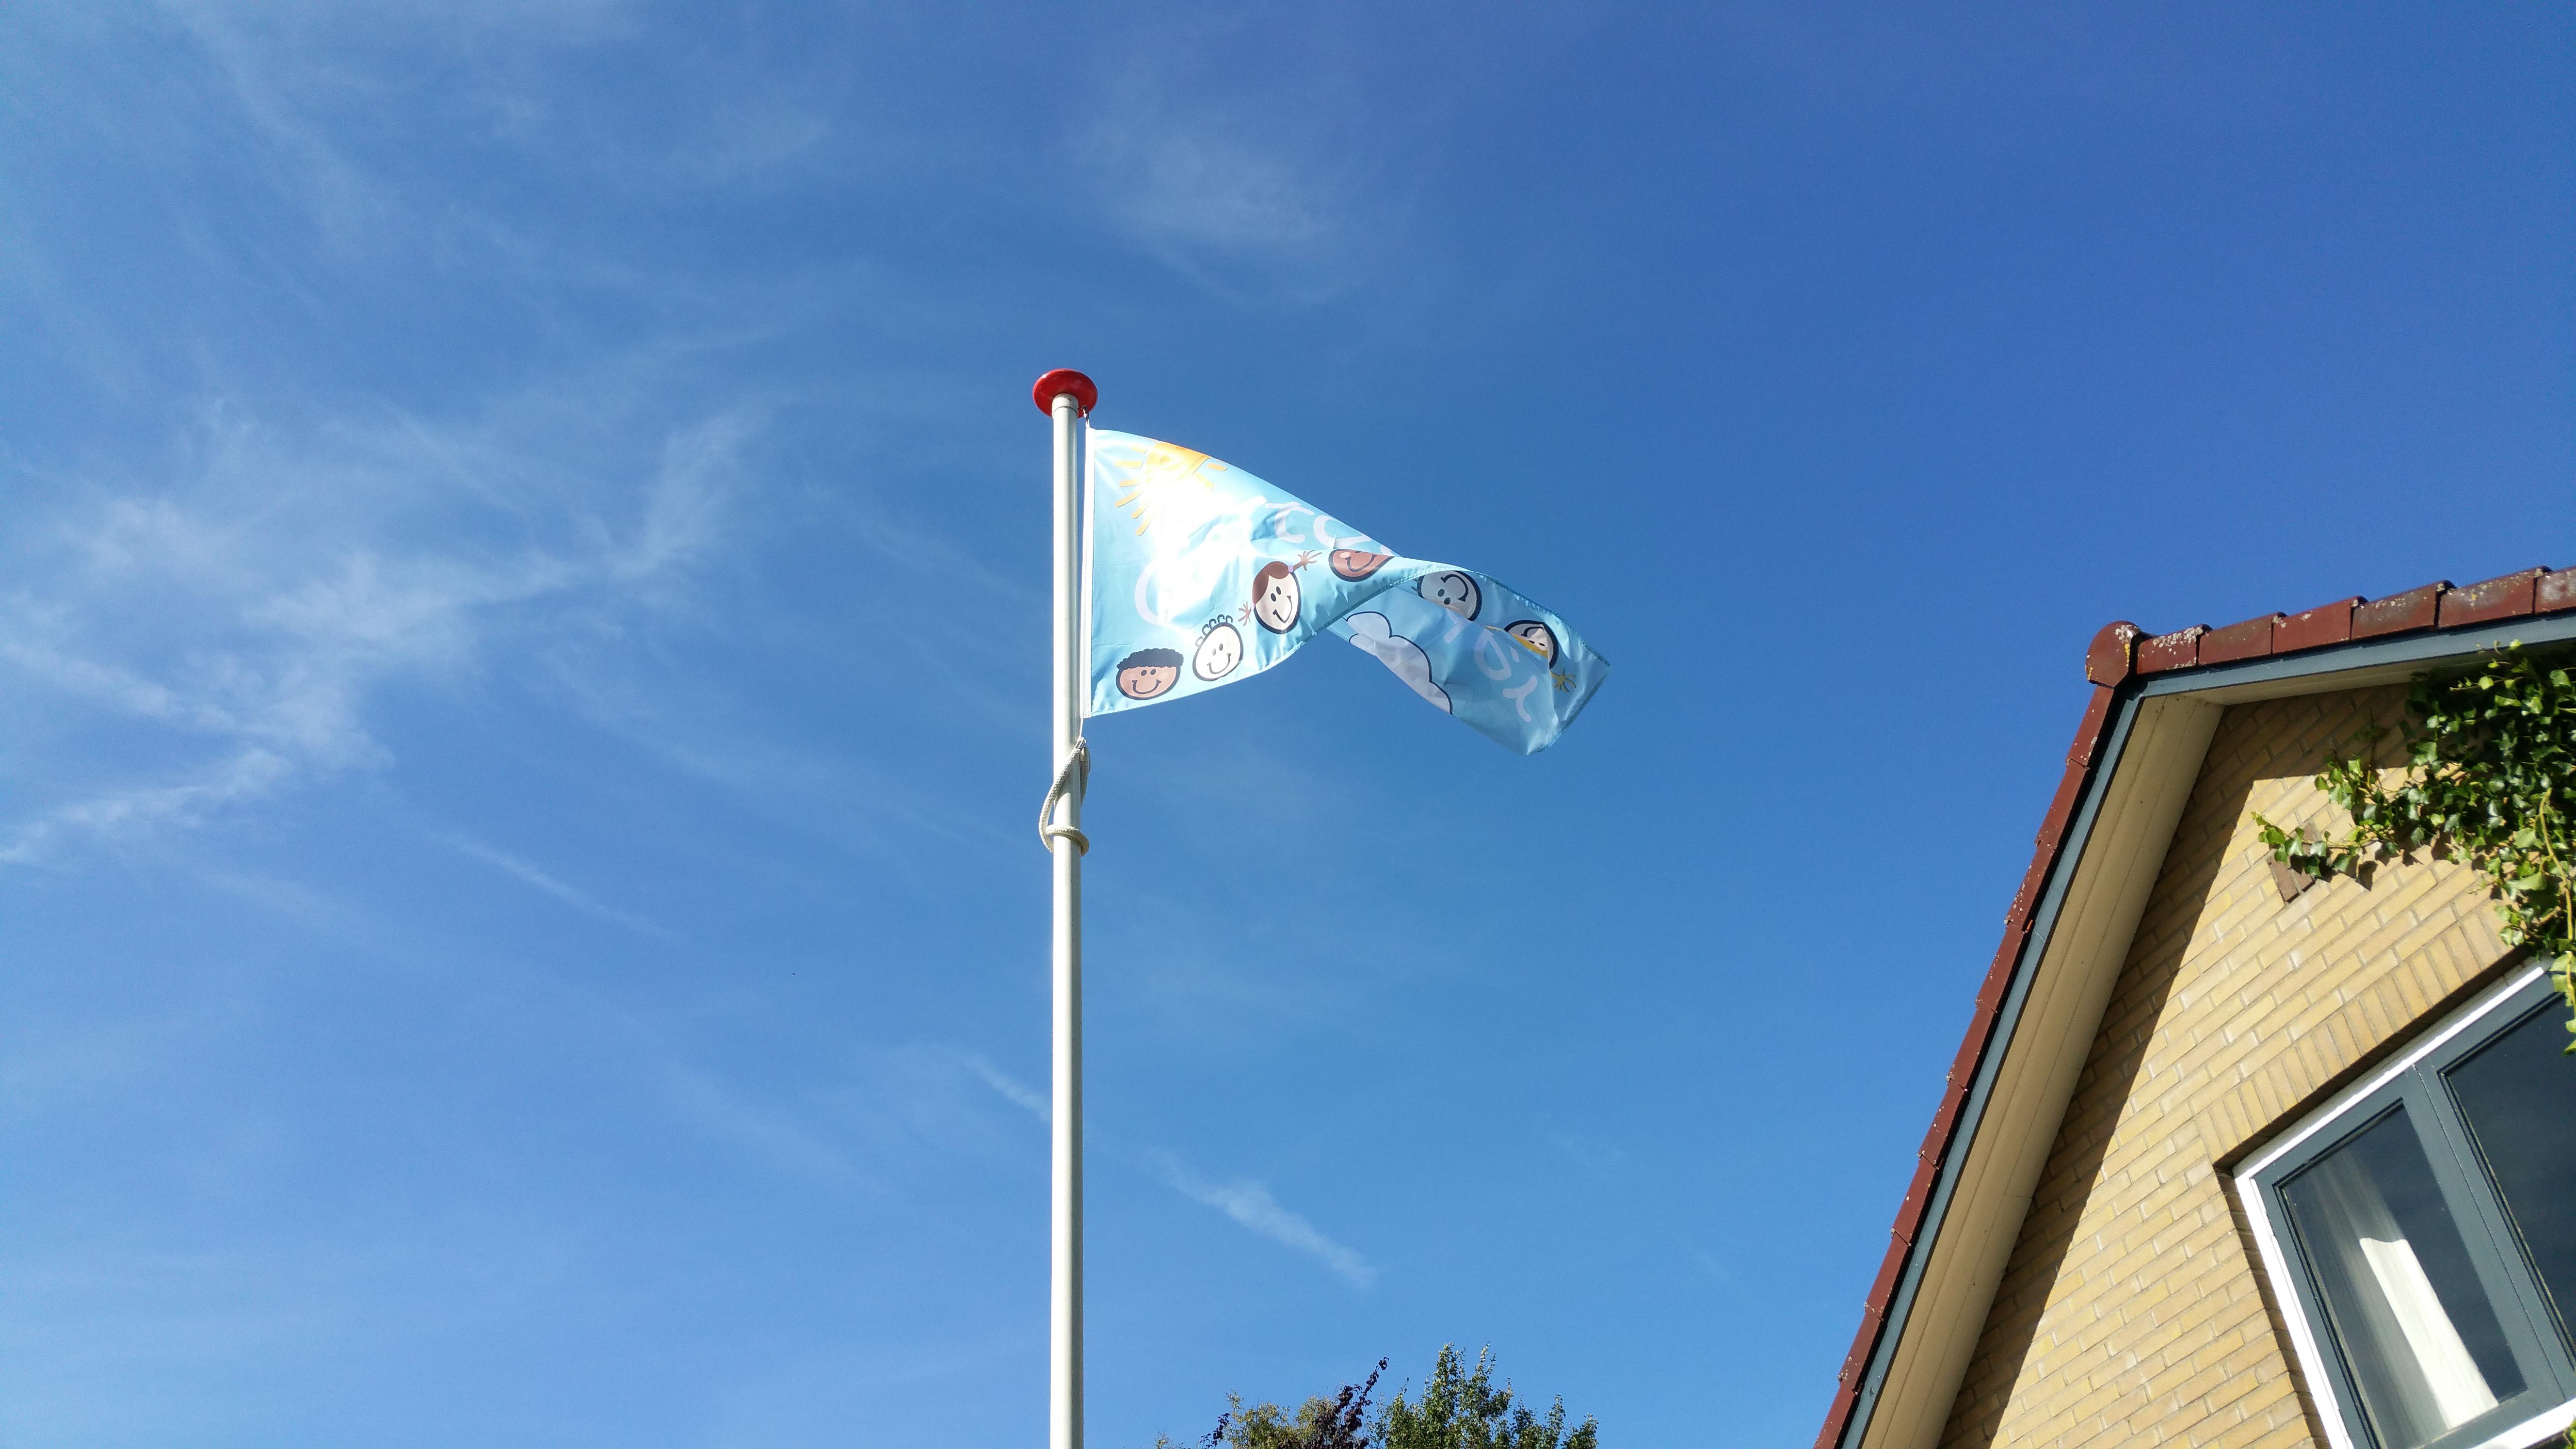 Evento Vlaggenmast huren banier vlaggenmasten